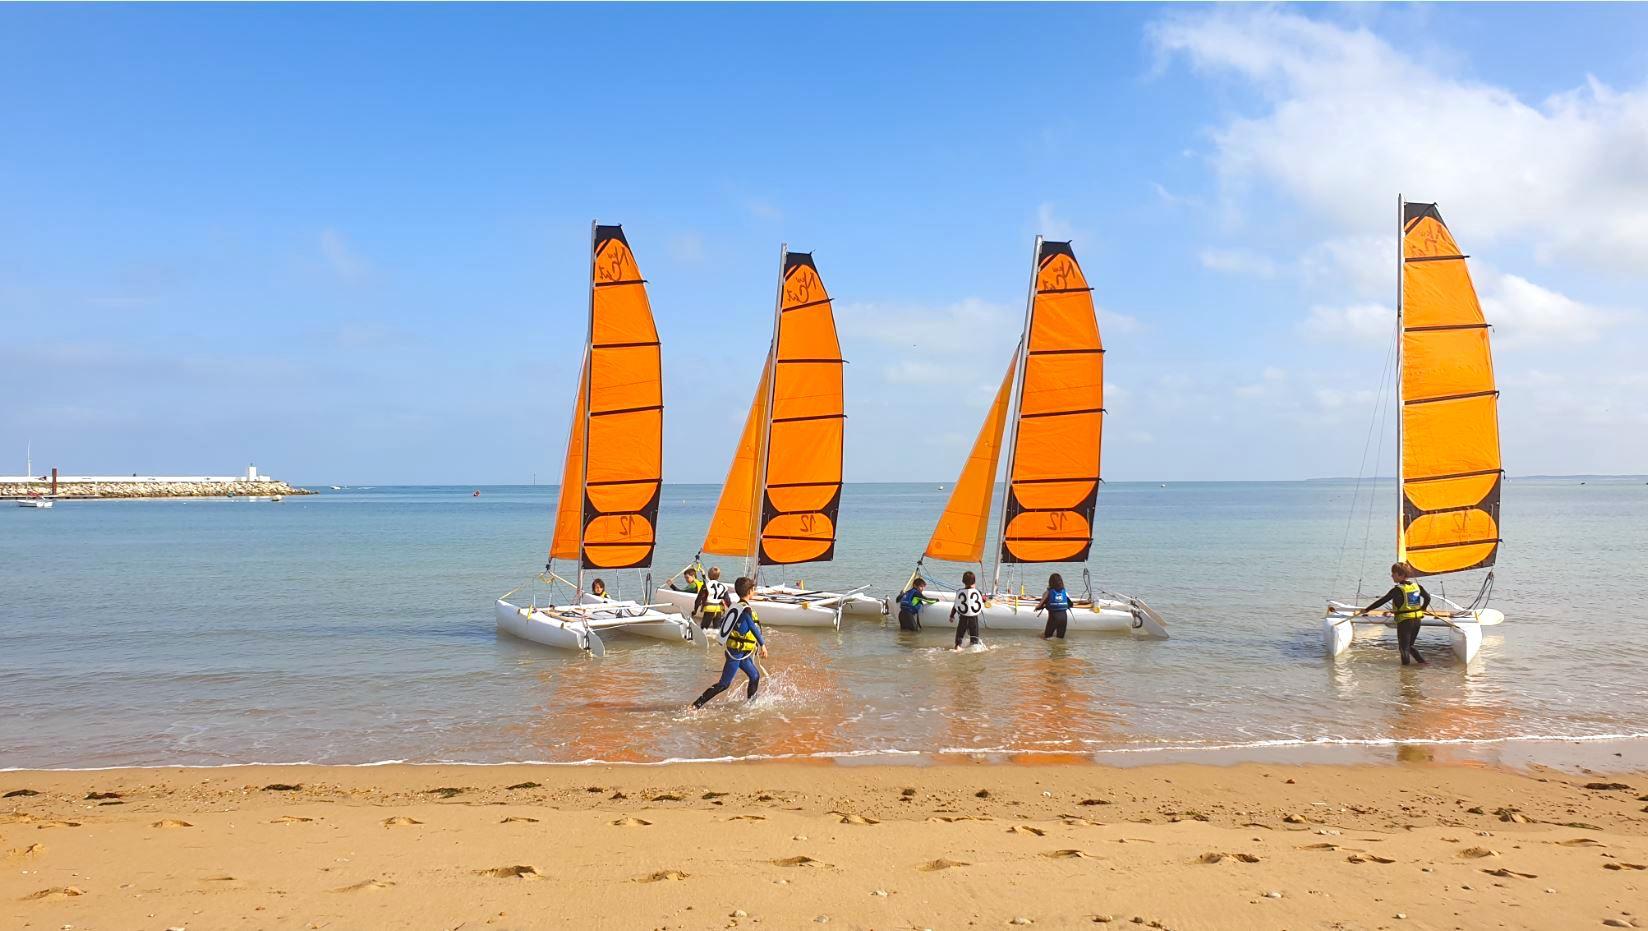 cours voile catamaran oléron yco saint-denis newcat 12